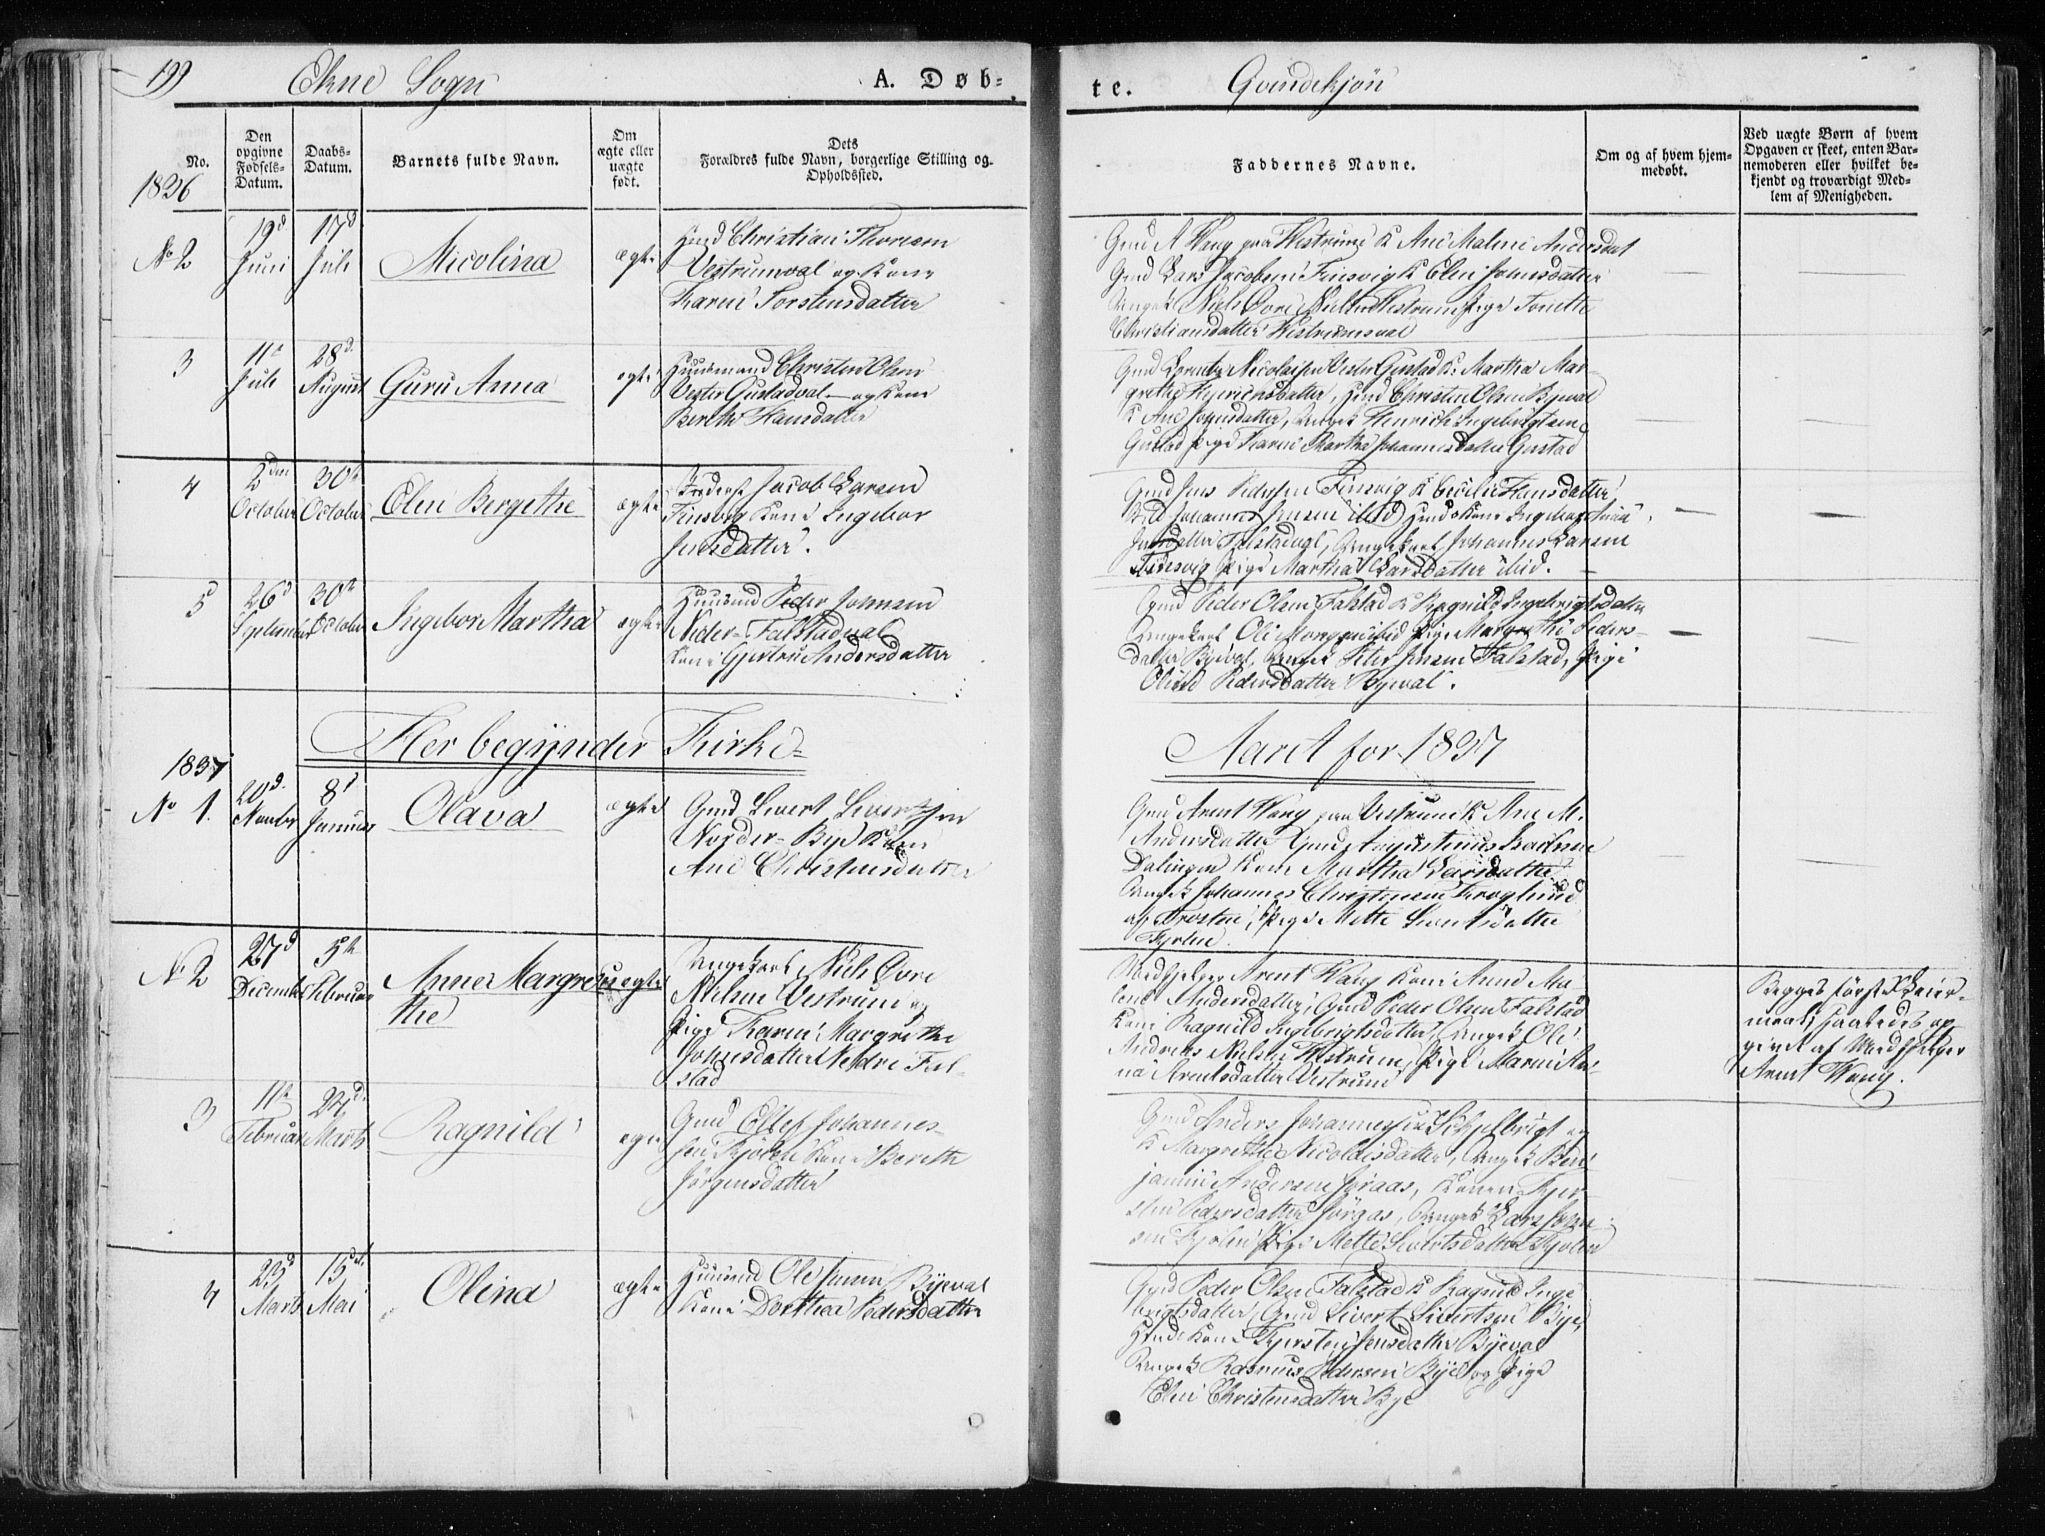 SAT, Ministerialprotokoller, klokkerbøker og fødselsregistre - Nord-Trøndelag, 717/L0154: Ministerialbok nr. 717A06 /2, 1836-1849, s. 199